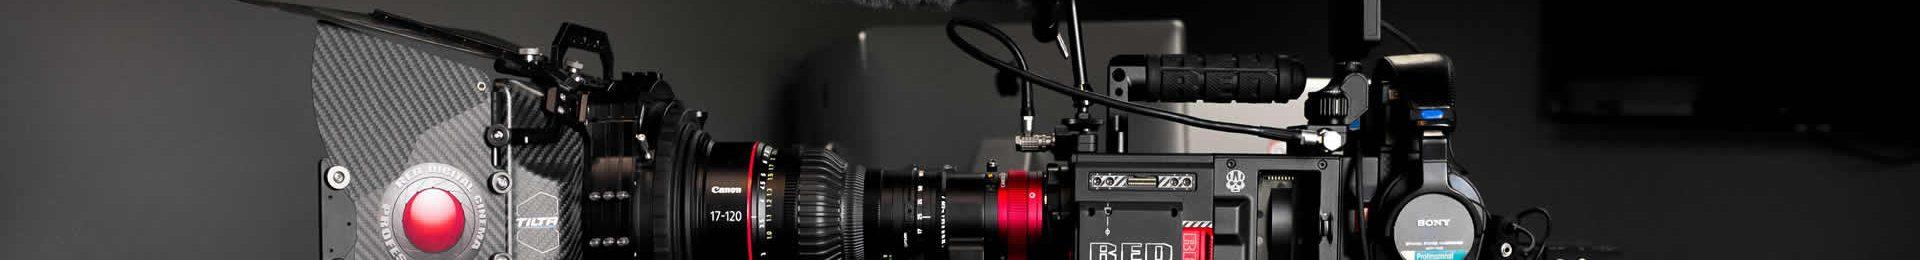 Quality Video Camera